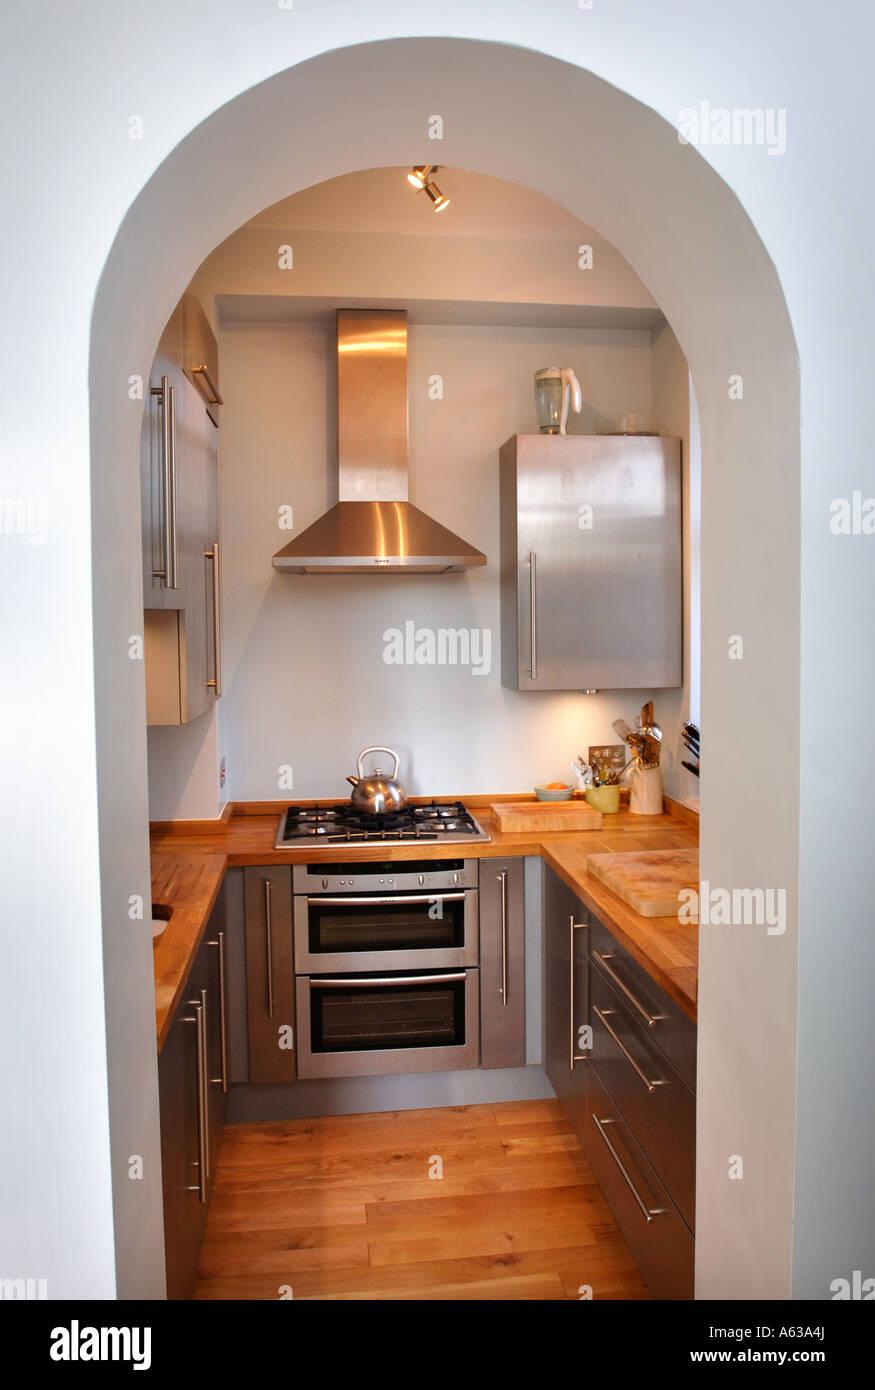 Small Fitted Kitchen A Small Fitted Kitchen Uk Stock Photo Royalty Free Image